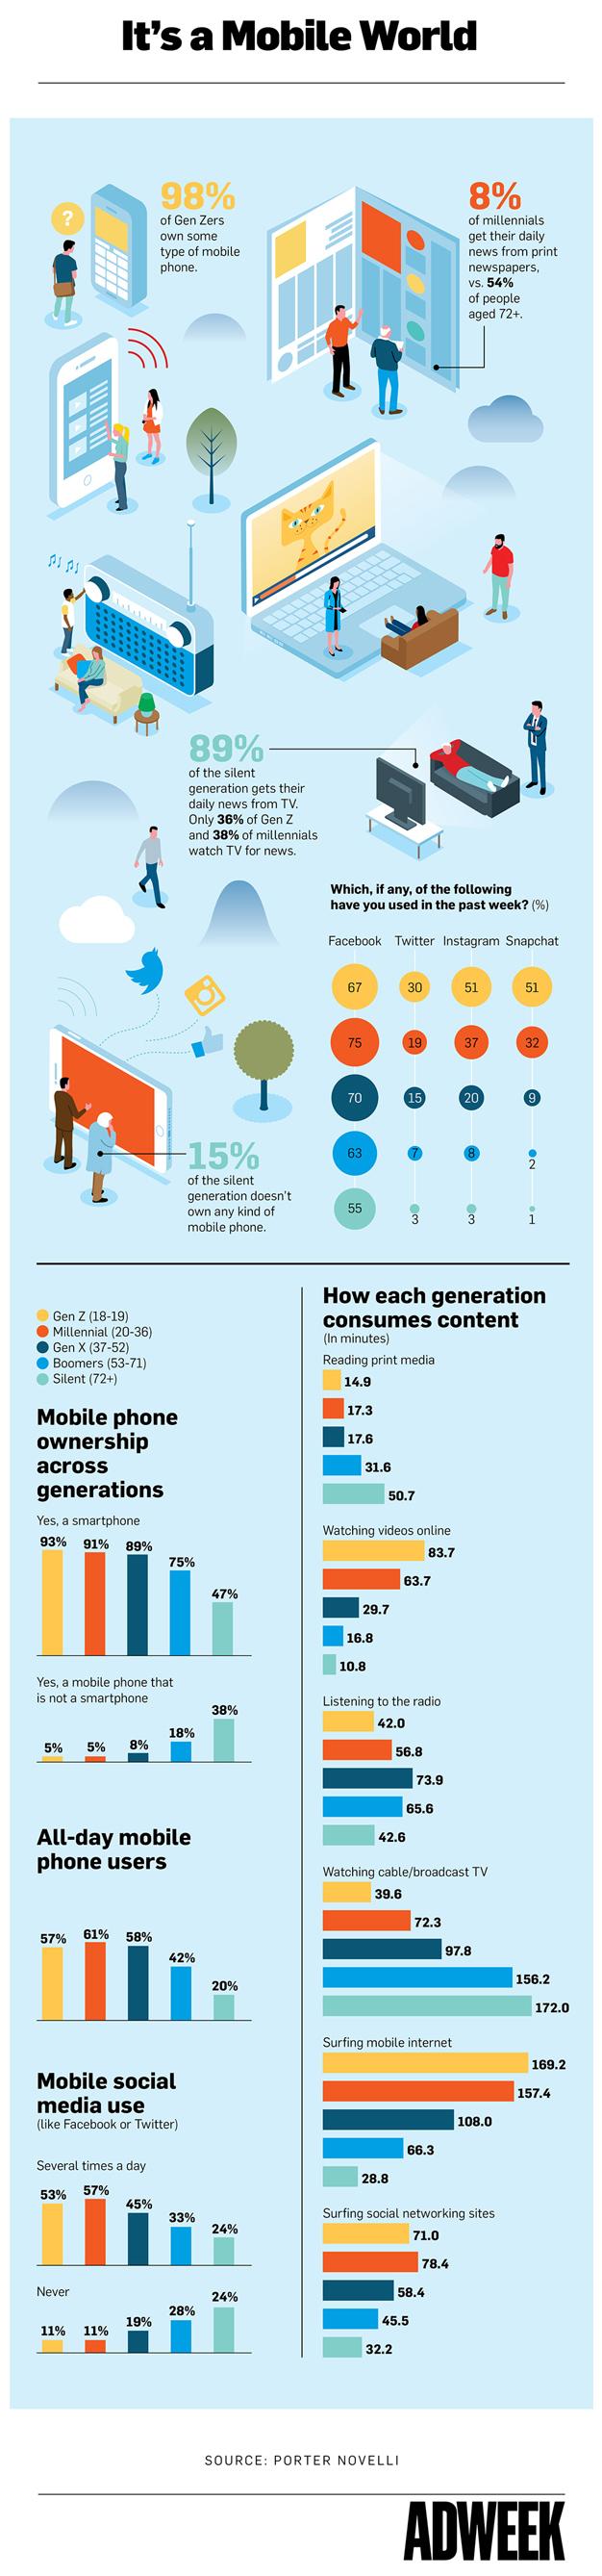 Los millennials y la Generación Z no son los únicos que no pueden vivir sin su smartphone